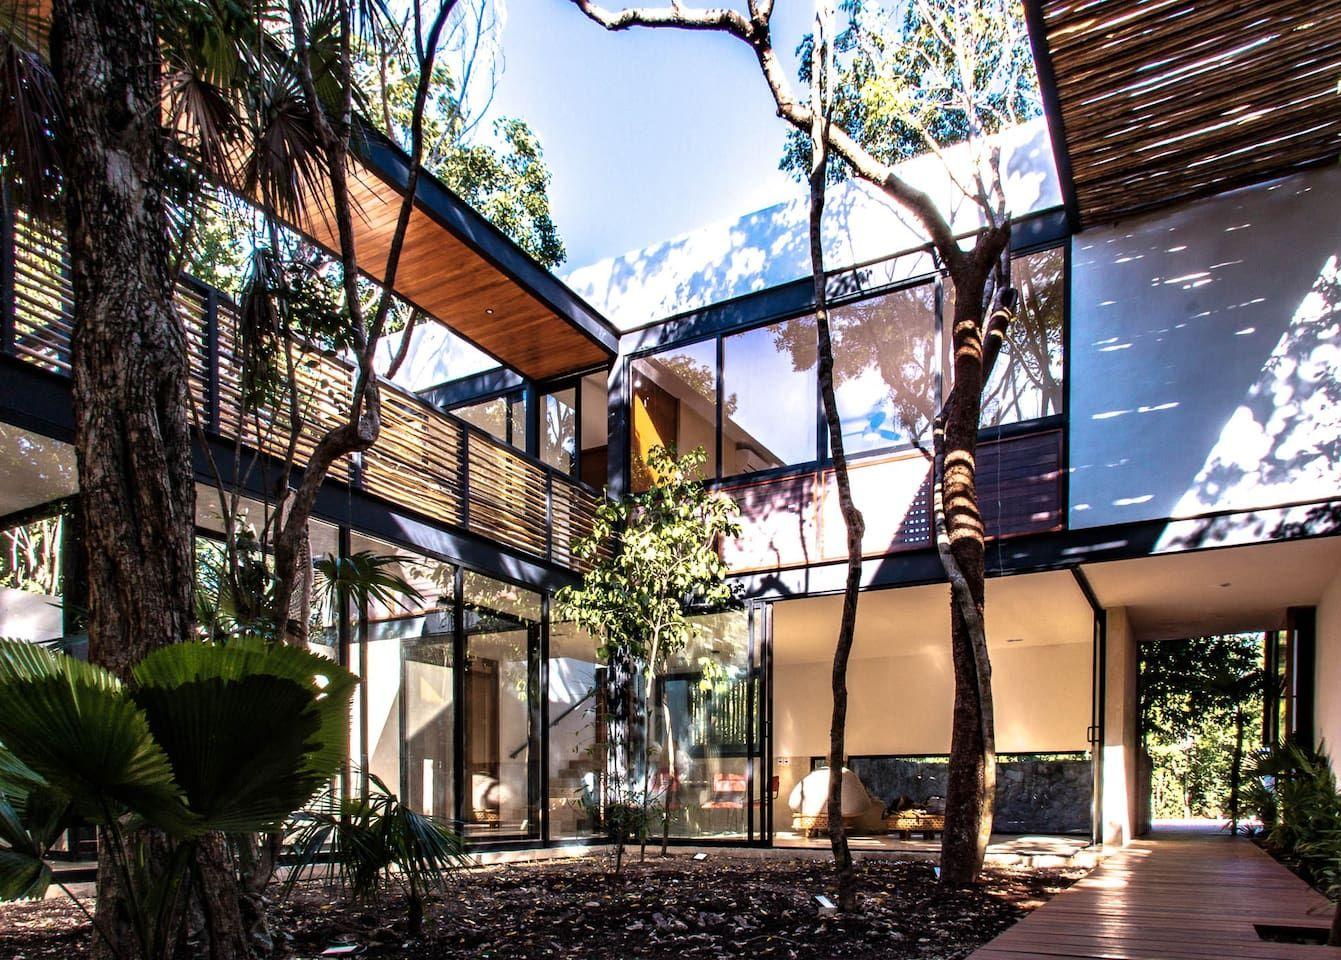 Fabulous Villa Itze Casa Del Amanecer Houses For Rent In Tulum Interior Design Ideas Gentotthenellocom